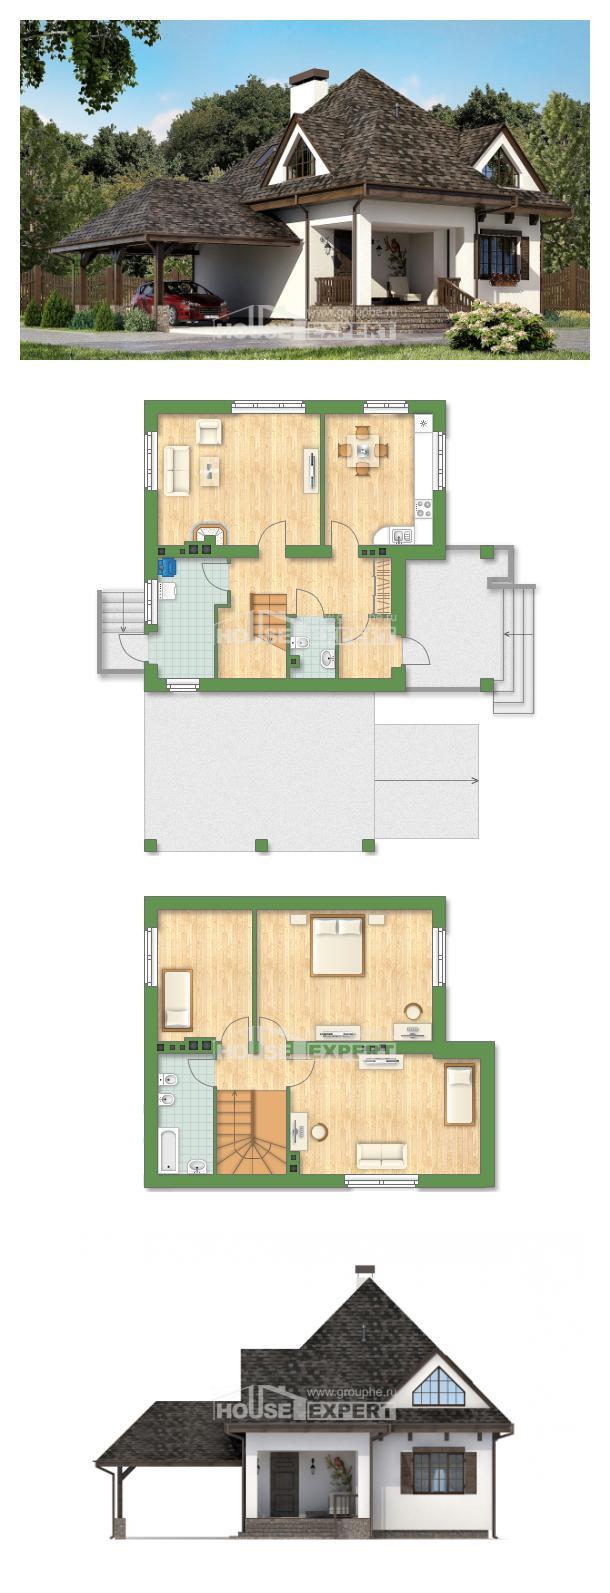 خطة البيت 110-002-L | House Expert